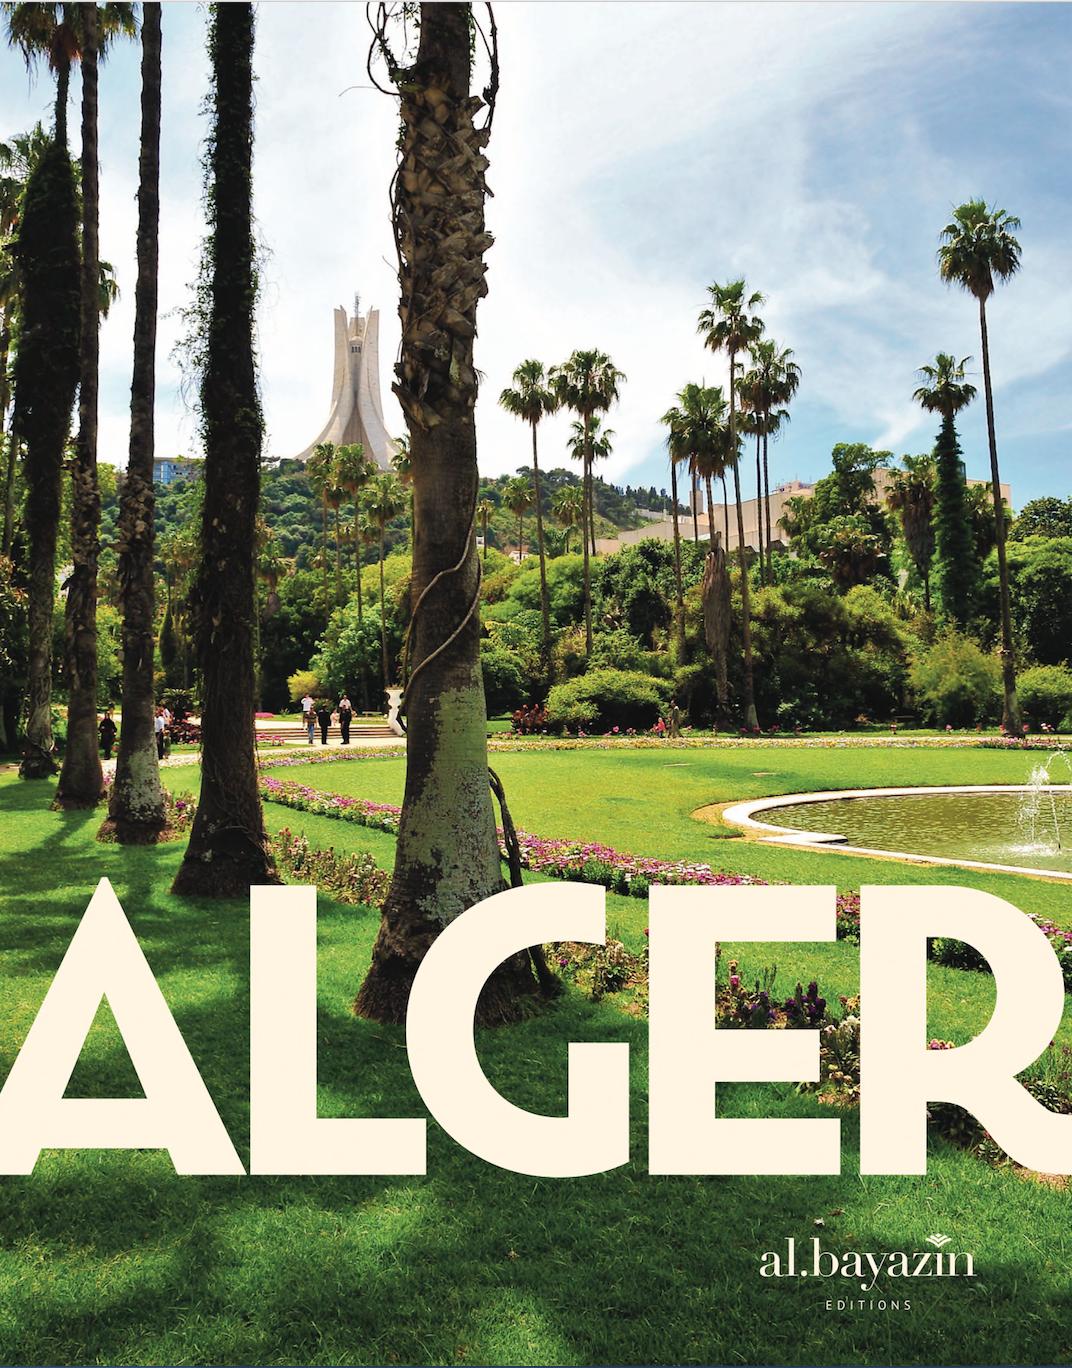 AlBayazin lance l'édition 2019 de son « Guide d'Alger »